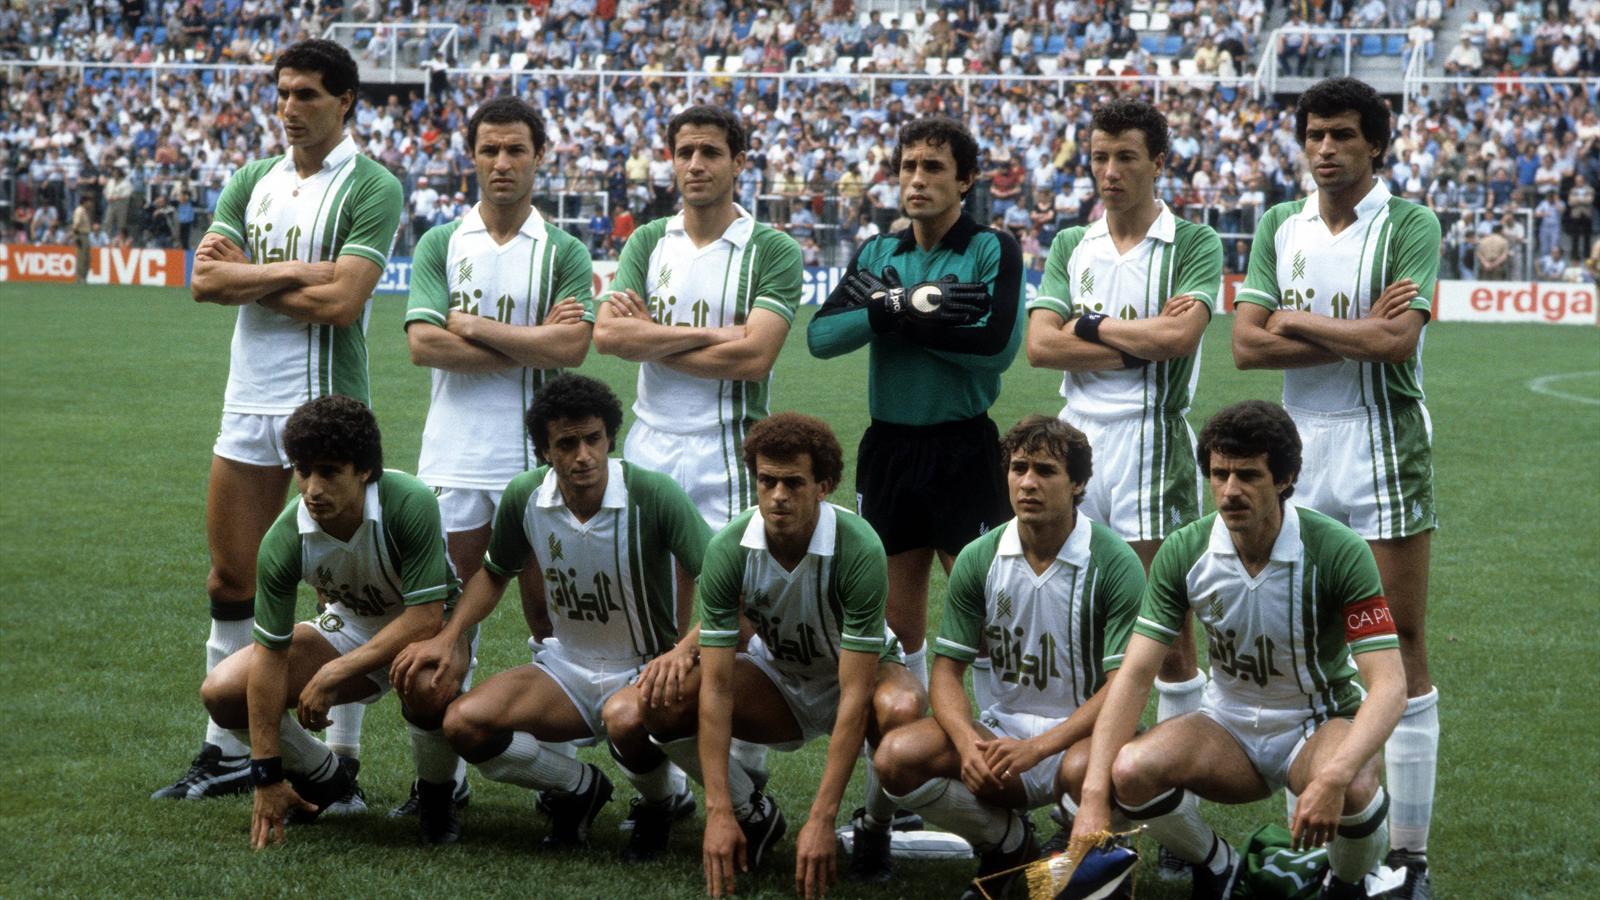 Coupe du monde 1982 la r tro victoire de l 39 italie en espagne coupe du monde 2010 - Coupe du monde de football 1982 ...